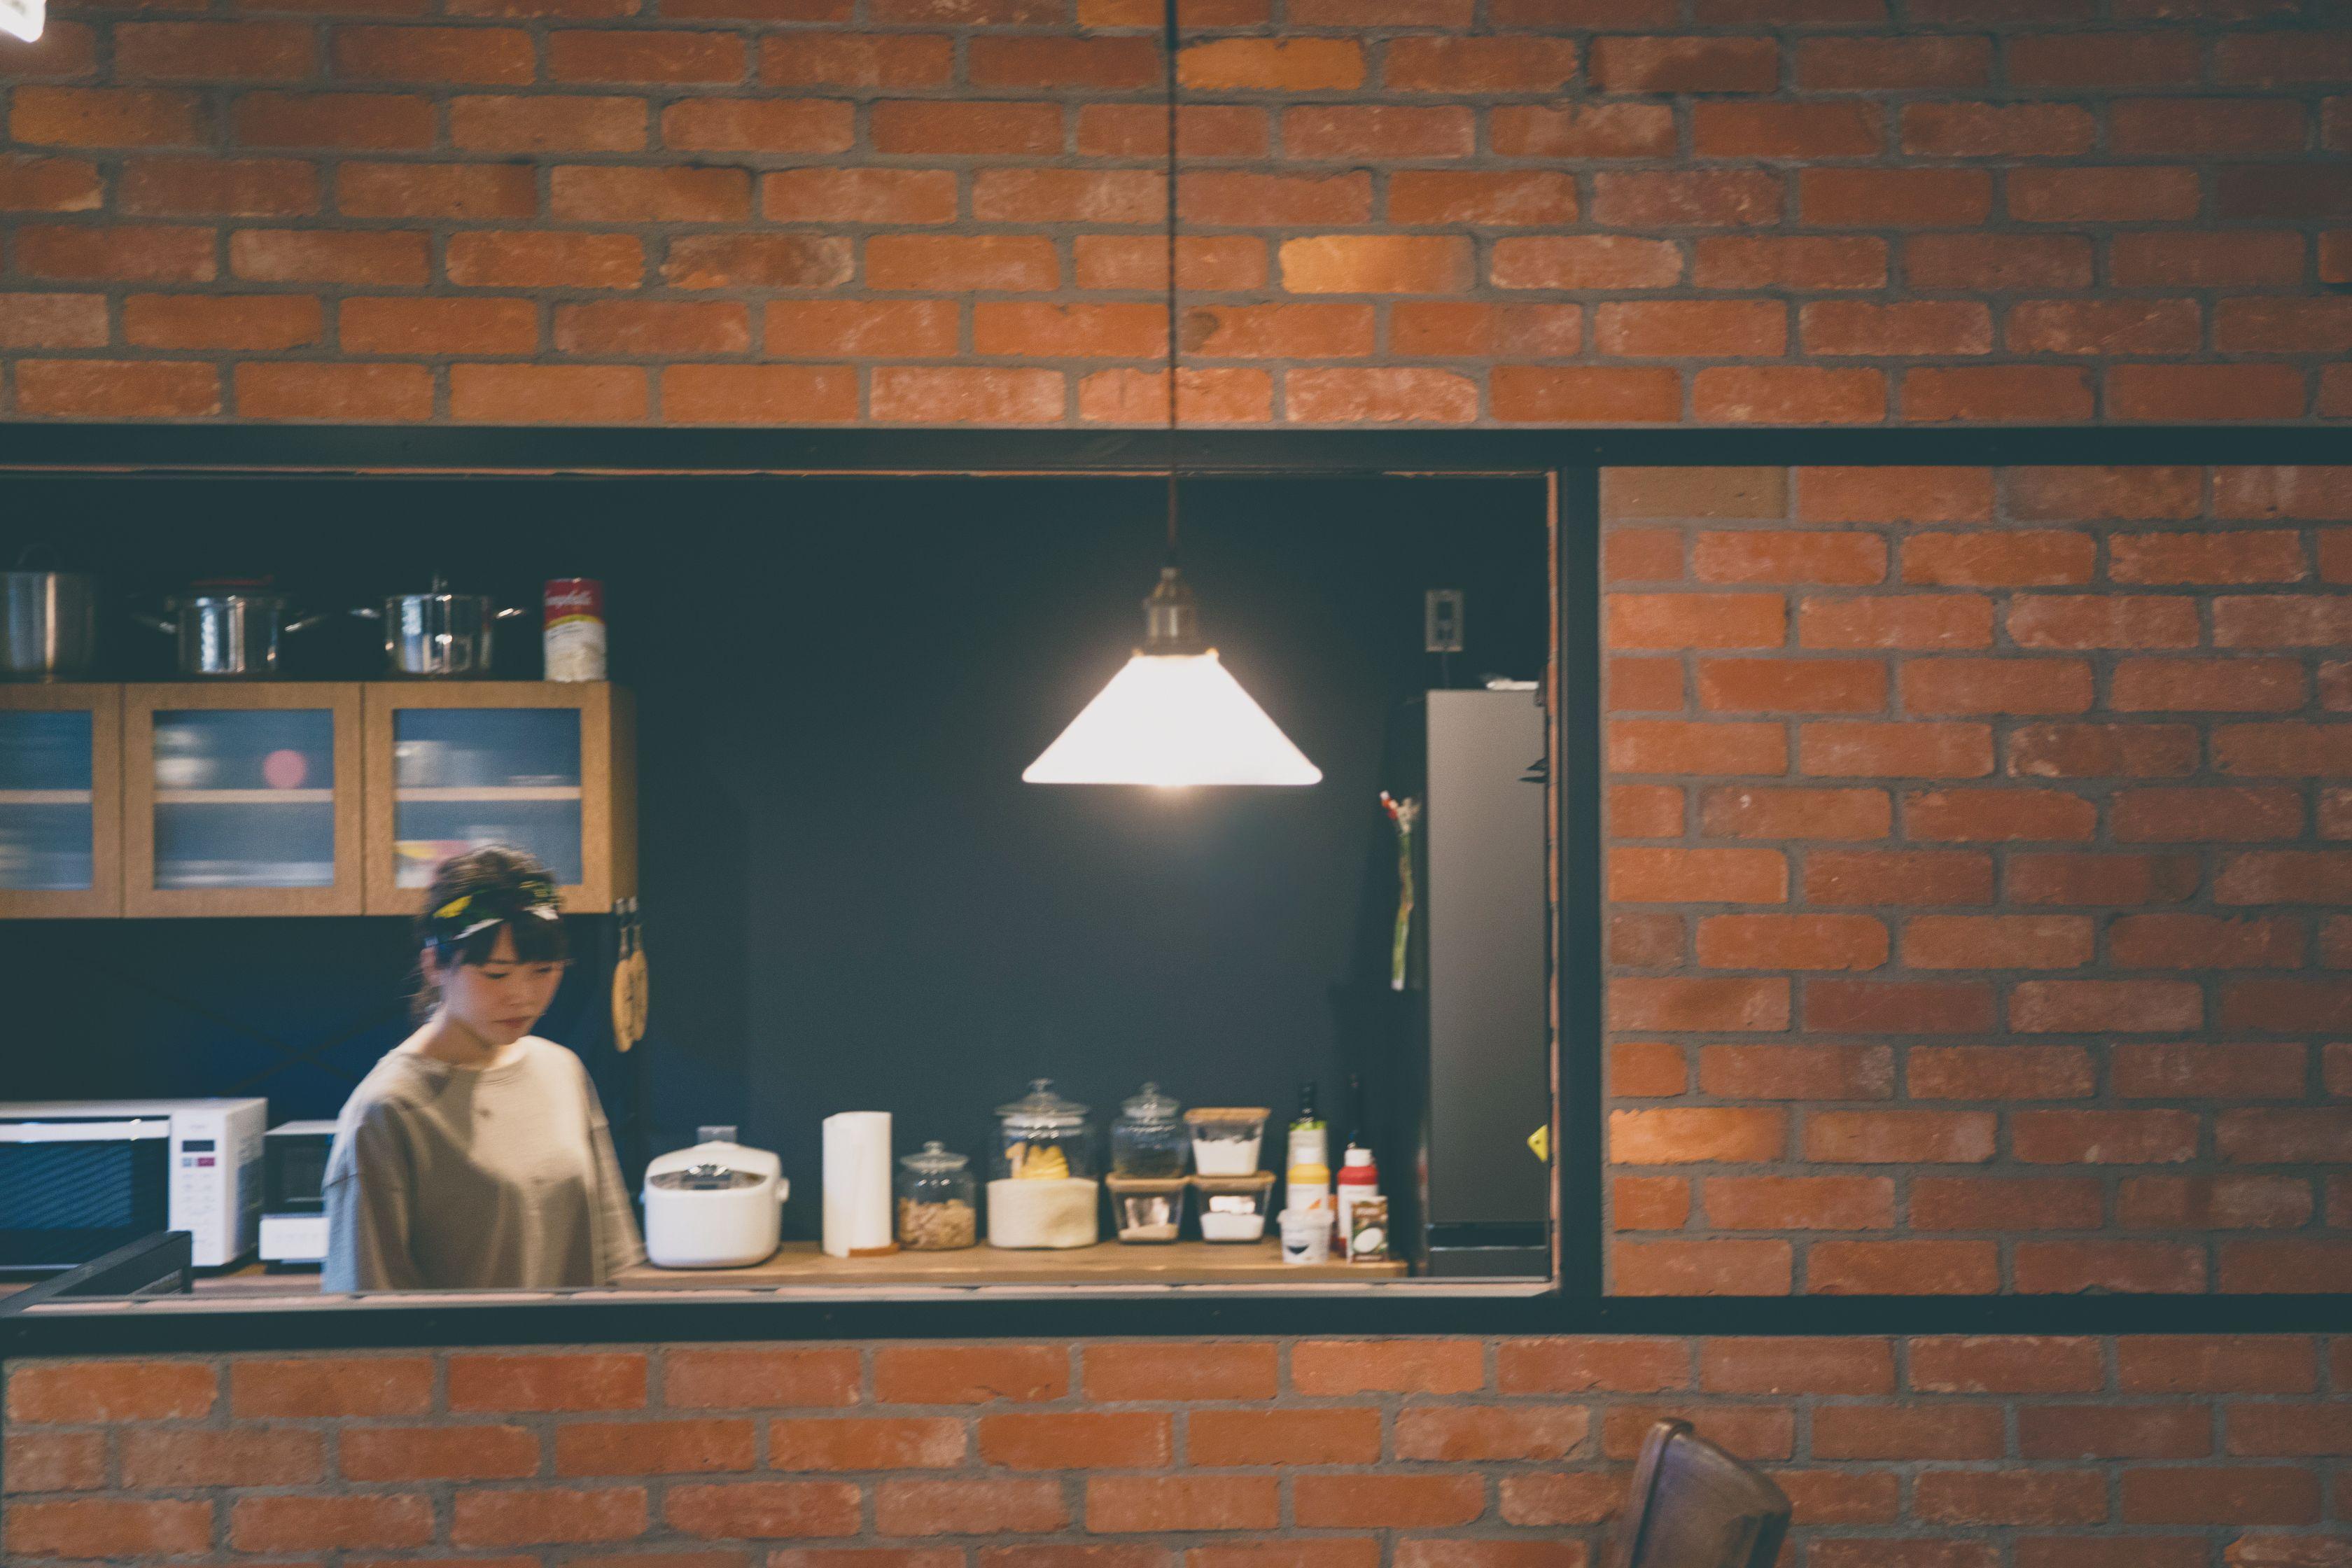 アンティークカフェっぽく仕上げたオープンキッチン。レトロなペンダントライトが赤レンガによく似合う